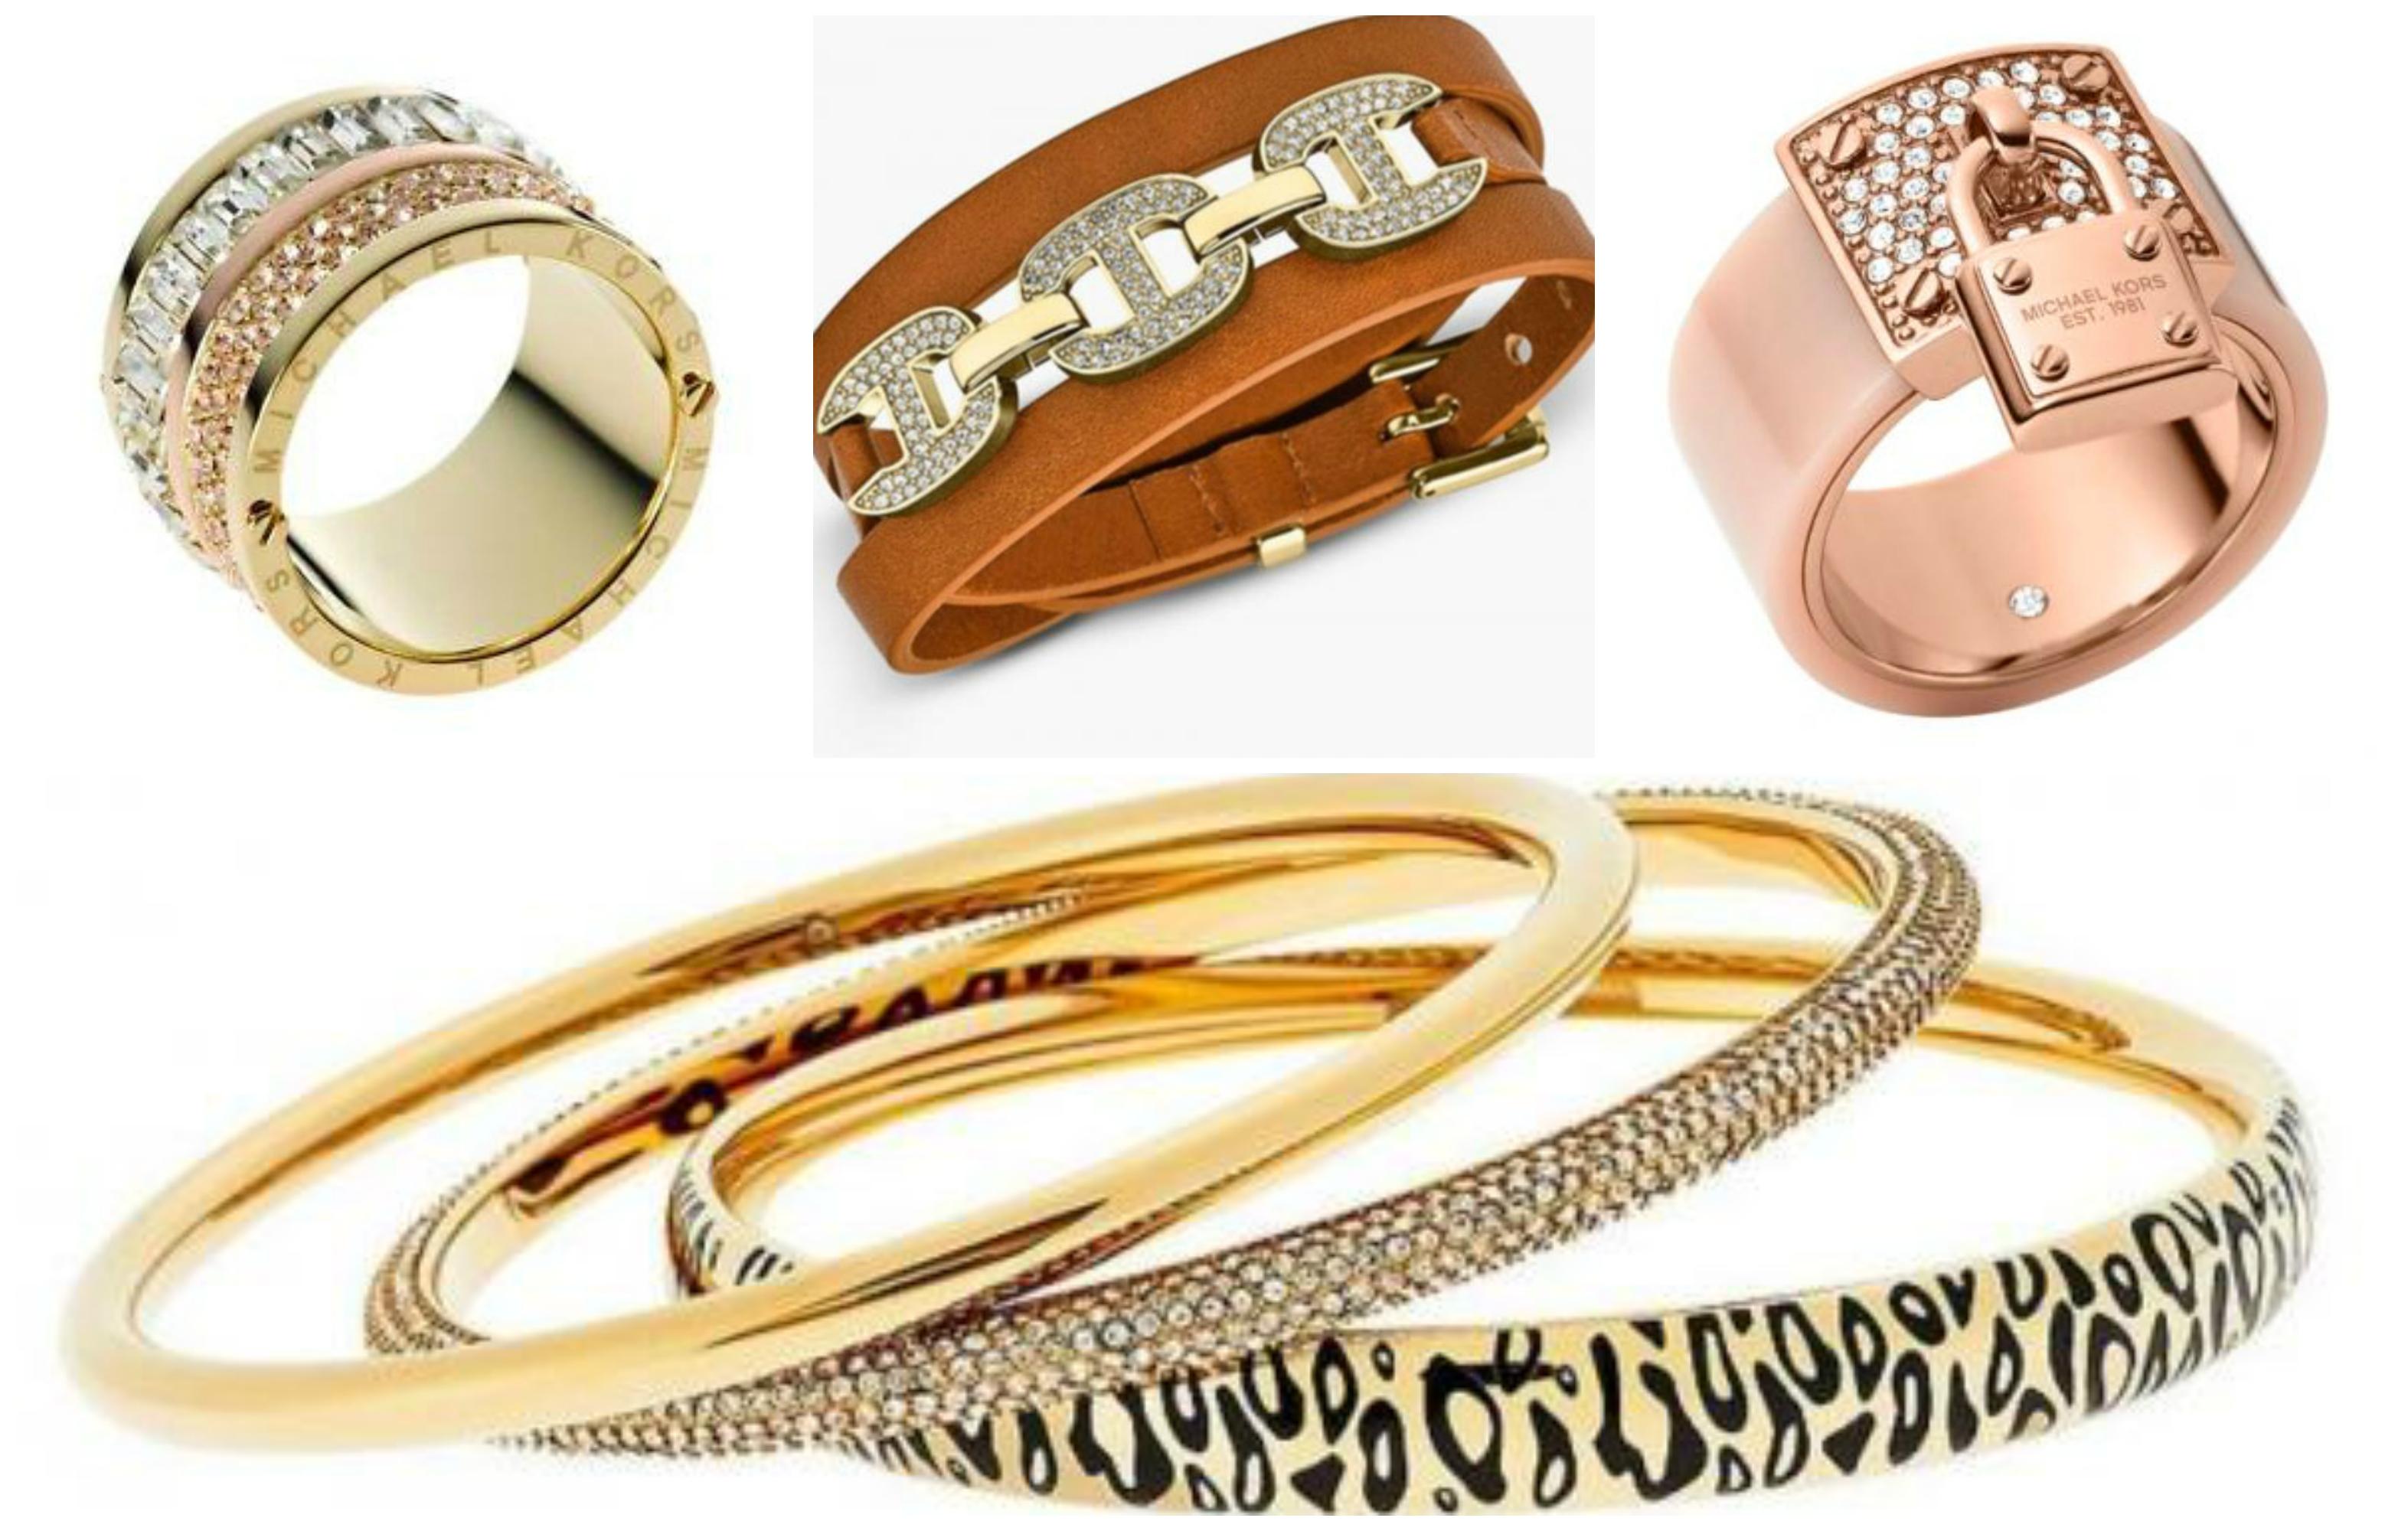 0d8b95915 Náš sortiment obsahuje širokú ponuku náramkov, príveskov, prsteňov či  náušníc. Potešte ju doplnkom populárnej značky Michael Kors, Armani, DKNY,  ...